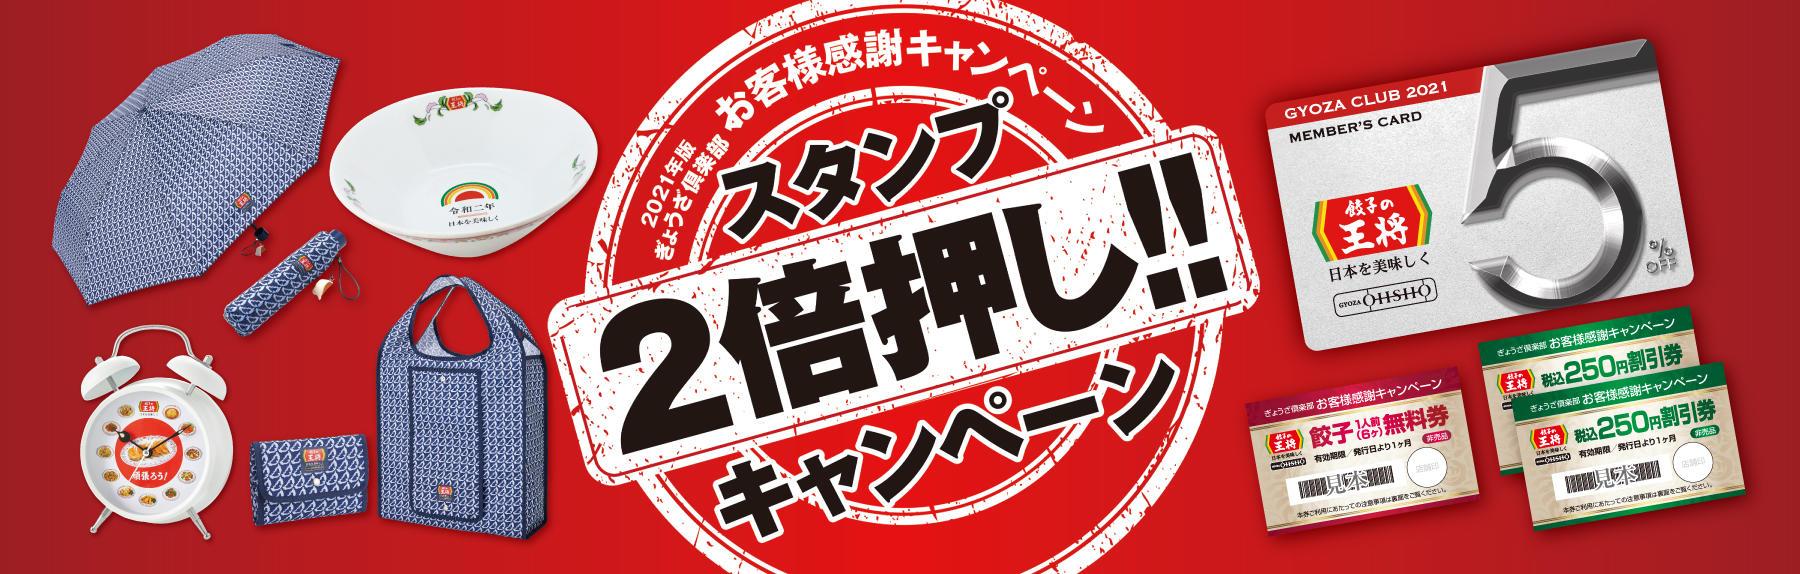 2bai2020_09info.jpg